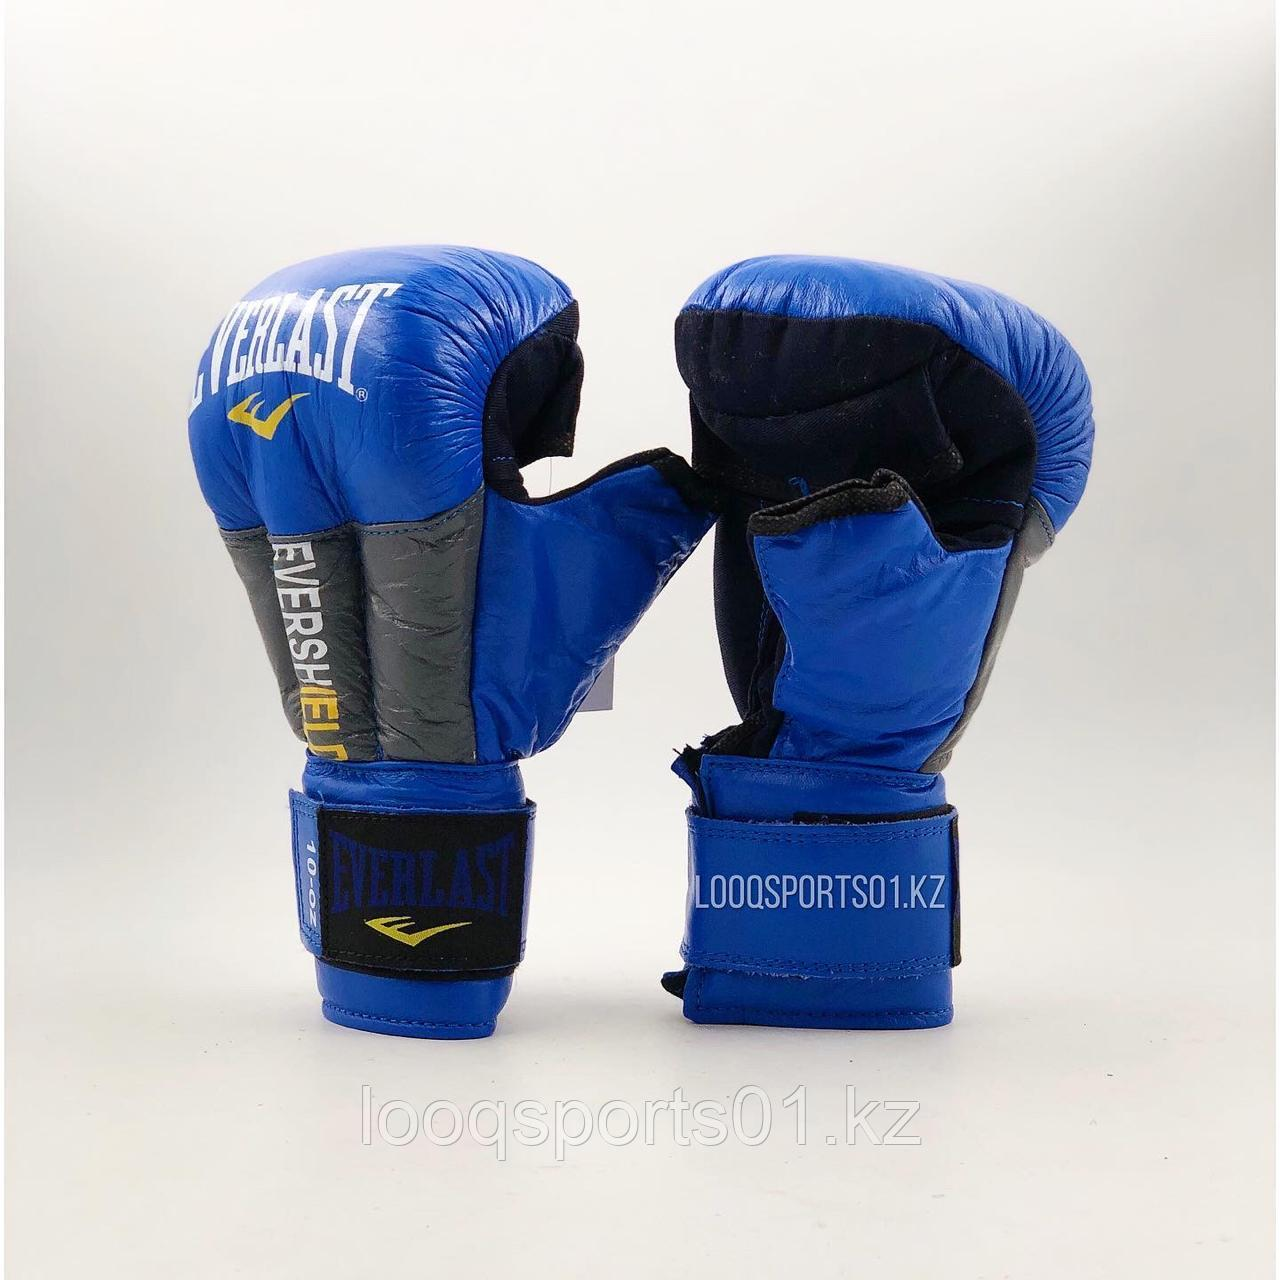 Перчатки для единоборств кожа (рукопашного боя) Everlast